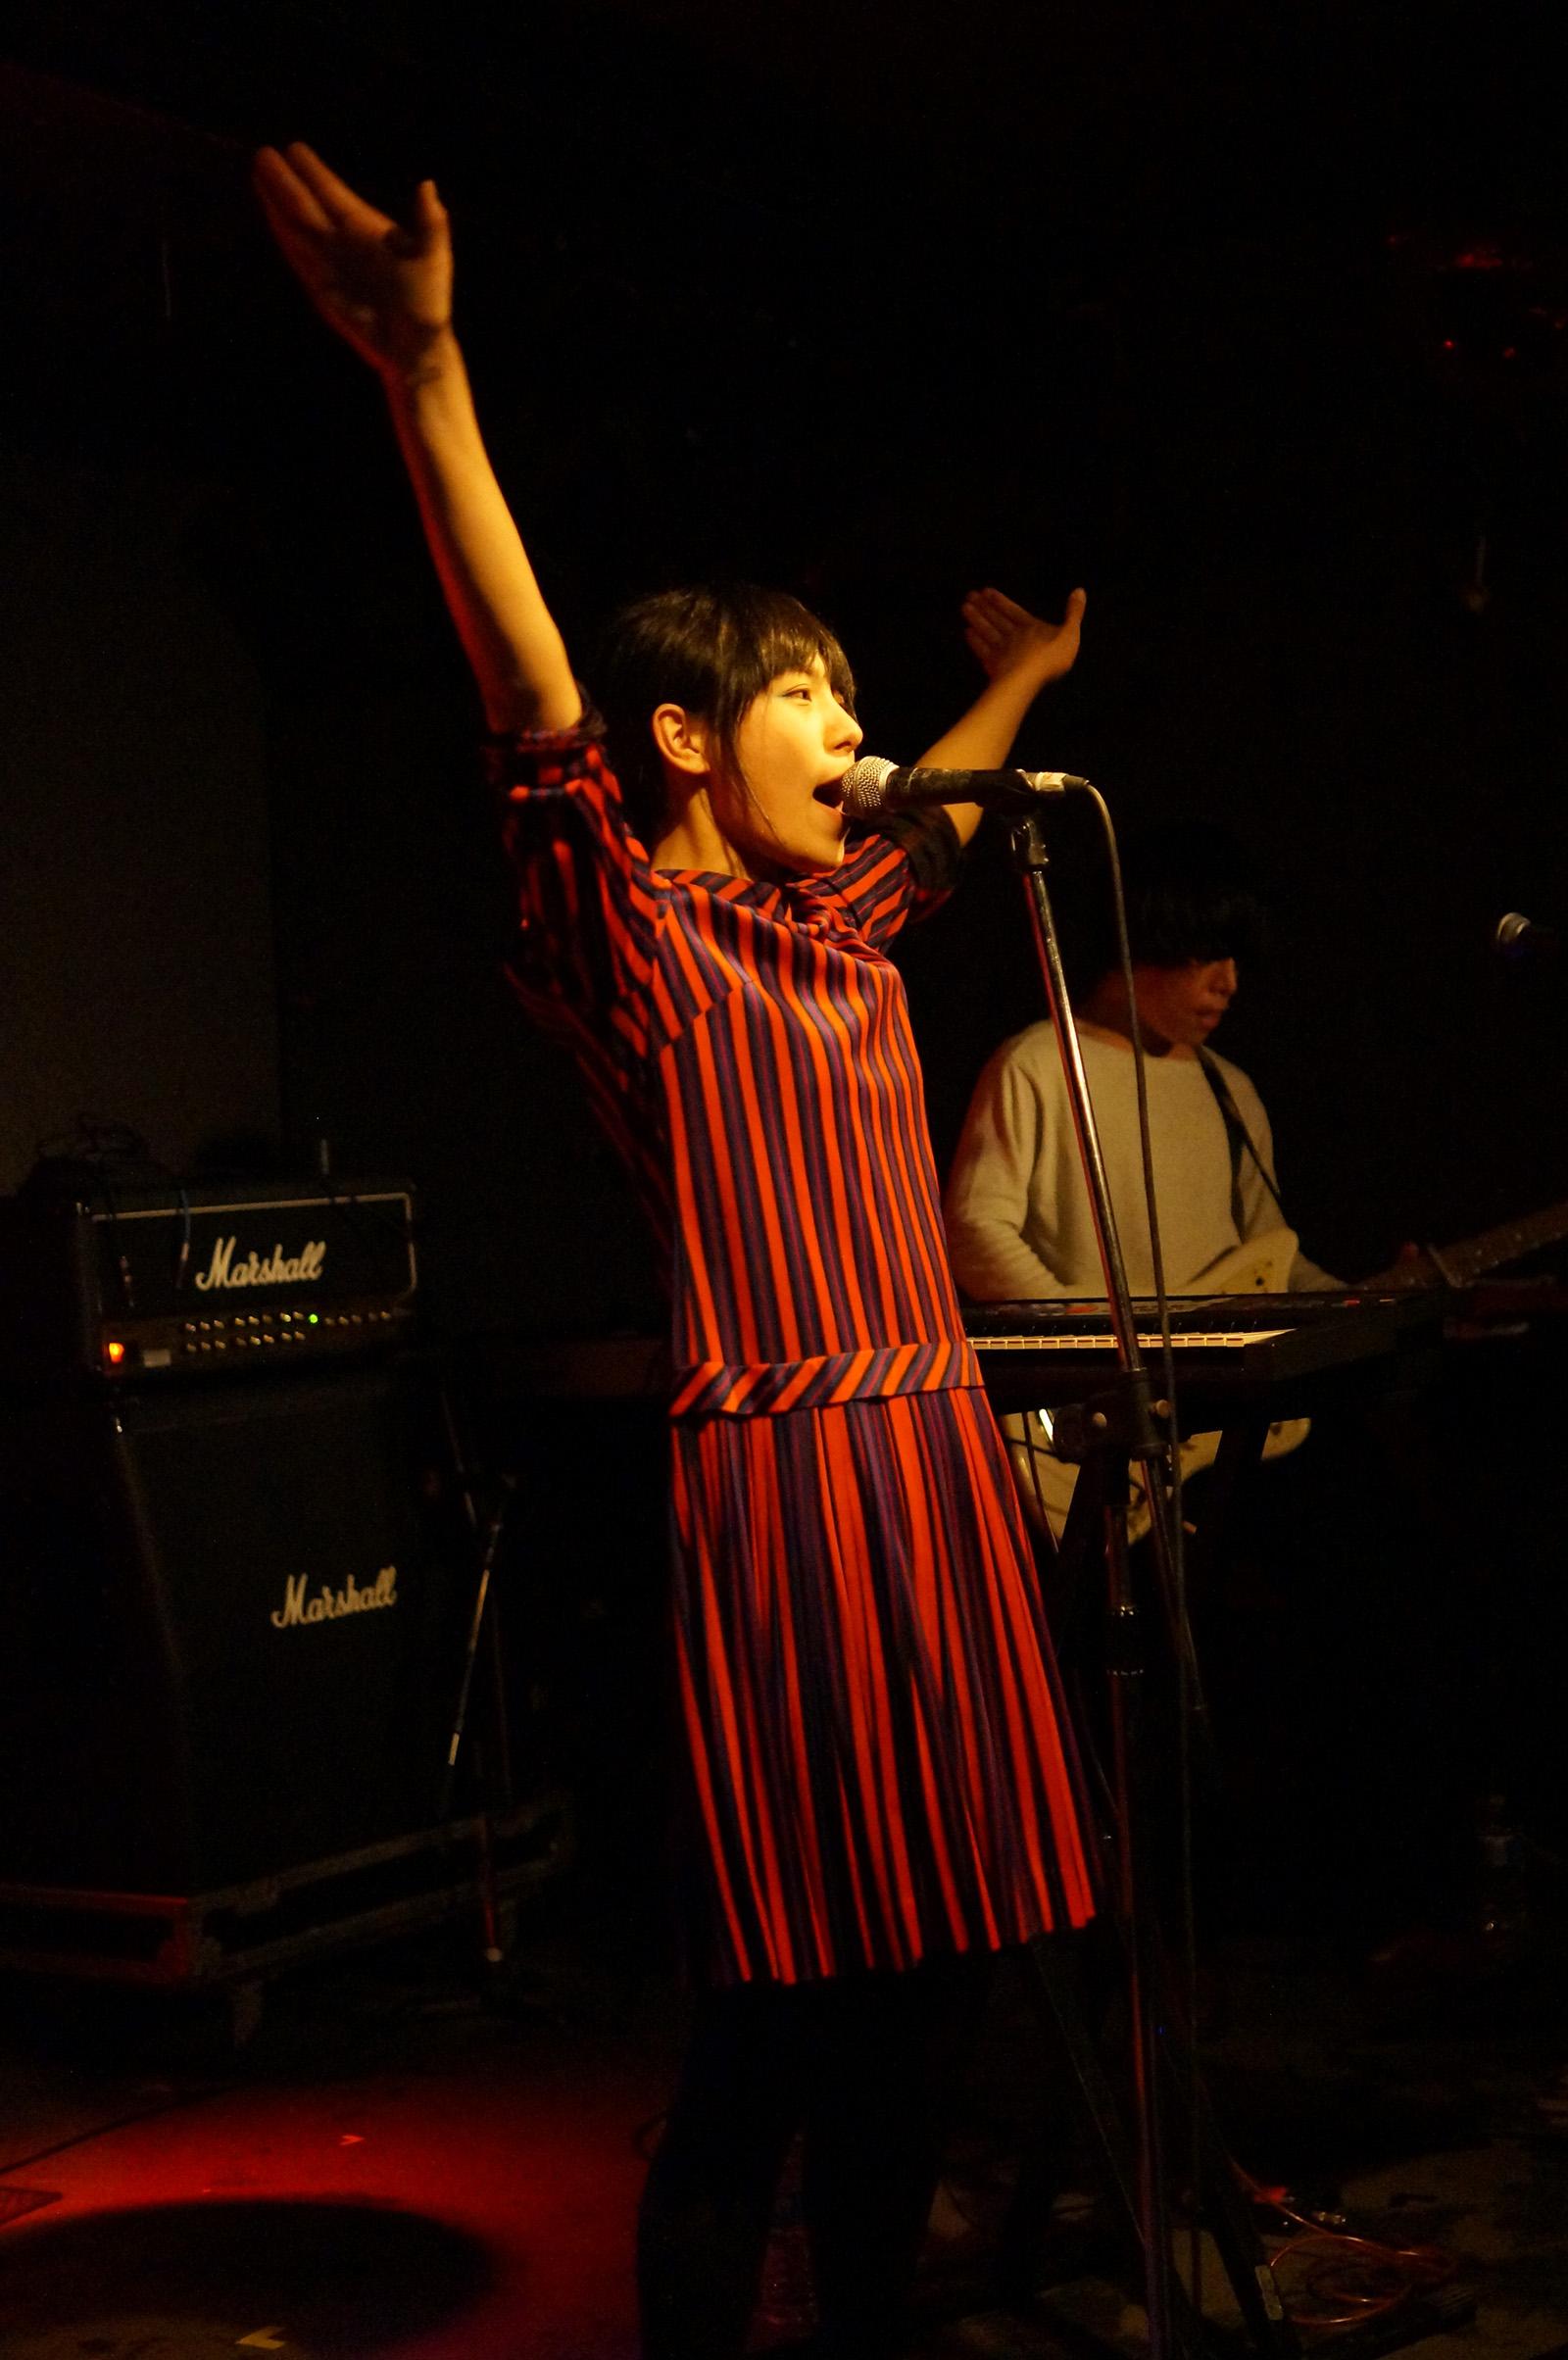 tatejima sing 4